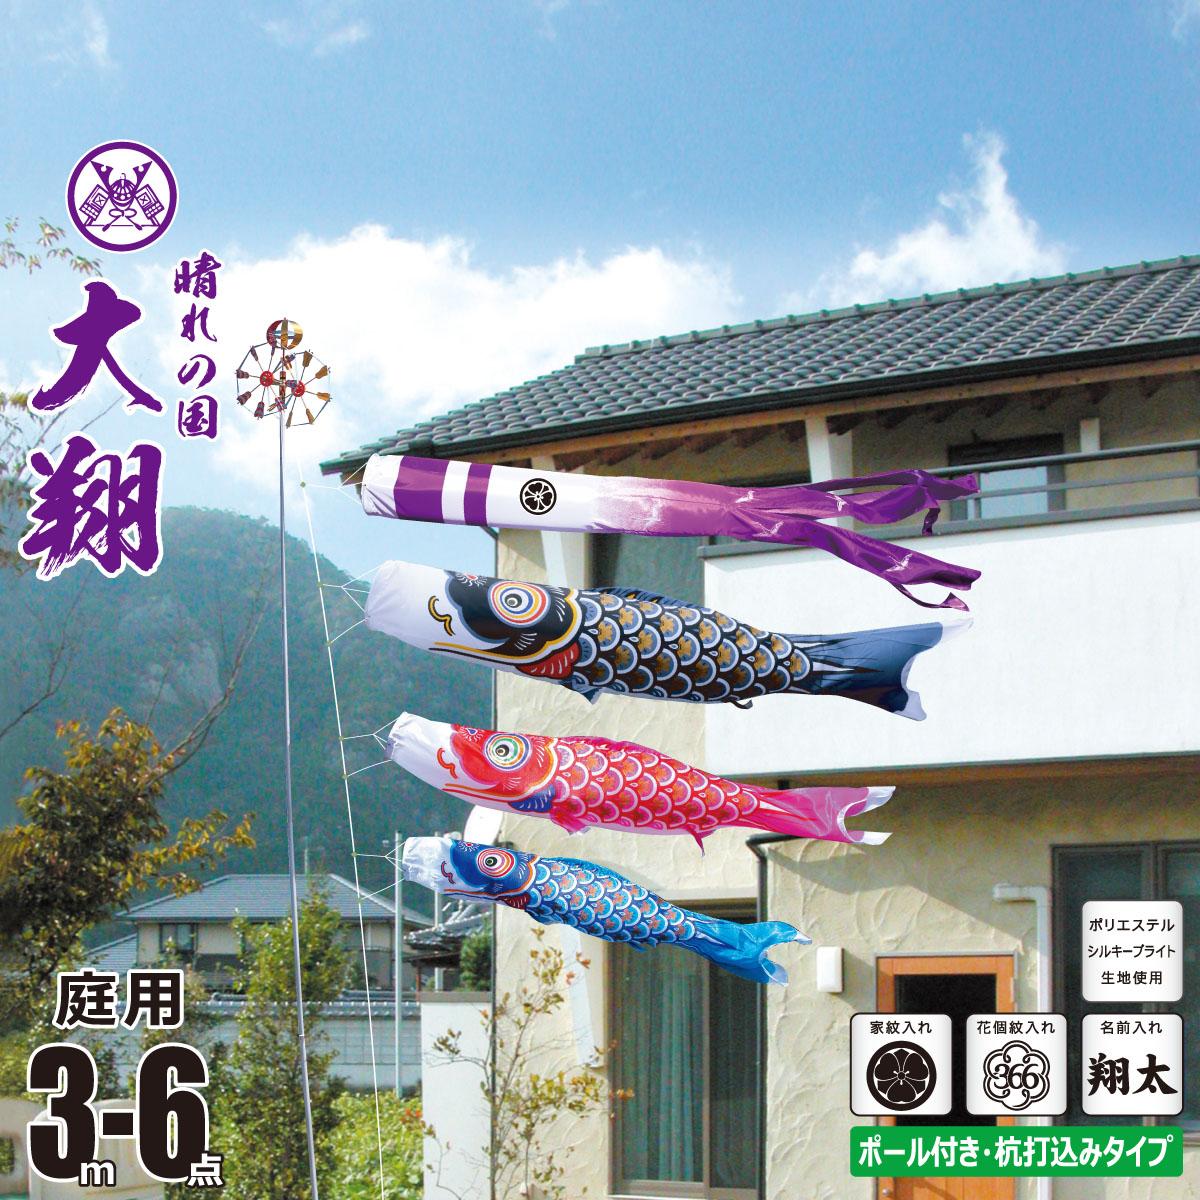 こいのぼり 3m 大翔 6点 (矢車、ロープ、吹流し、鯉3匹) 庭園用 ガーデンセット (専用ポール一式) 徳永鯉のぼり KIT-003-881